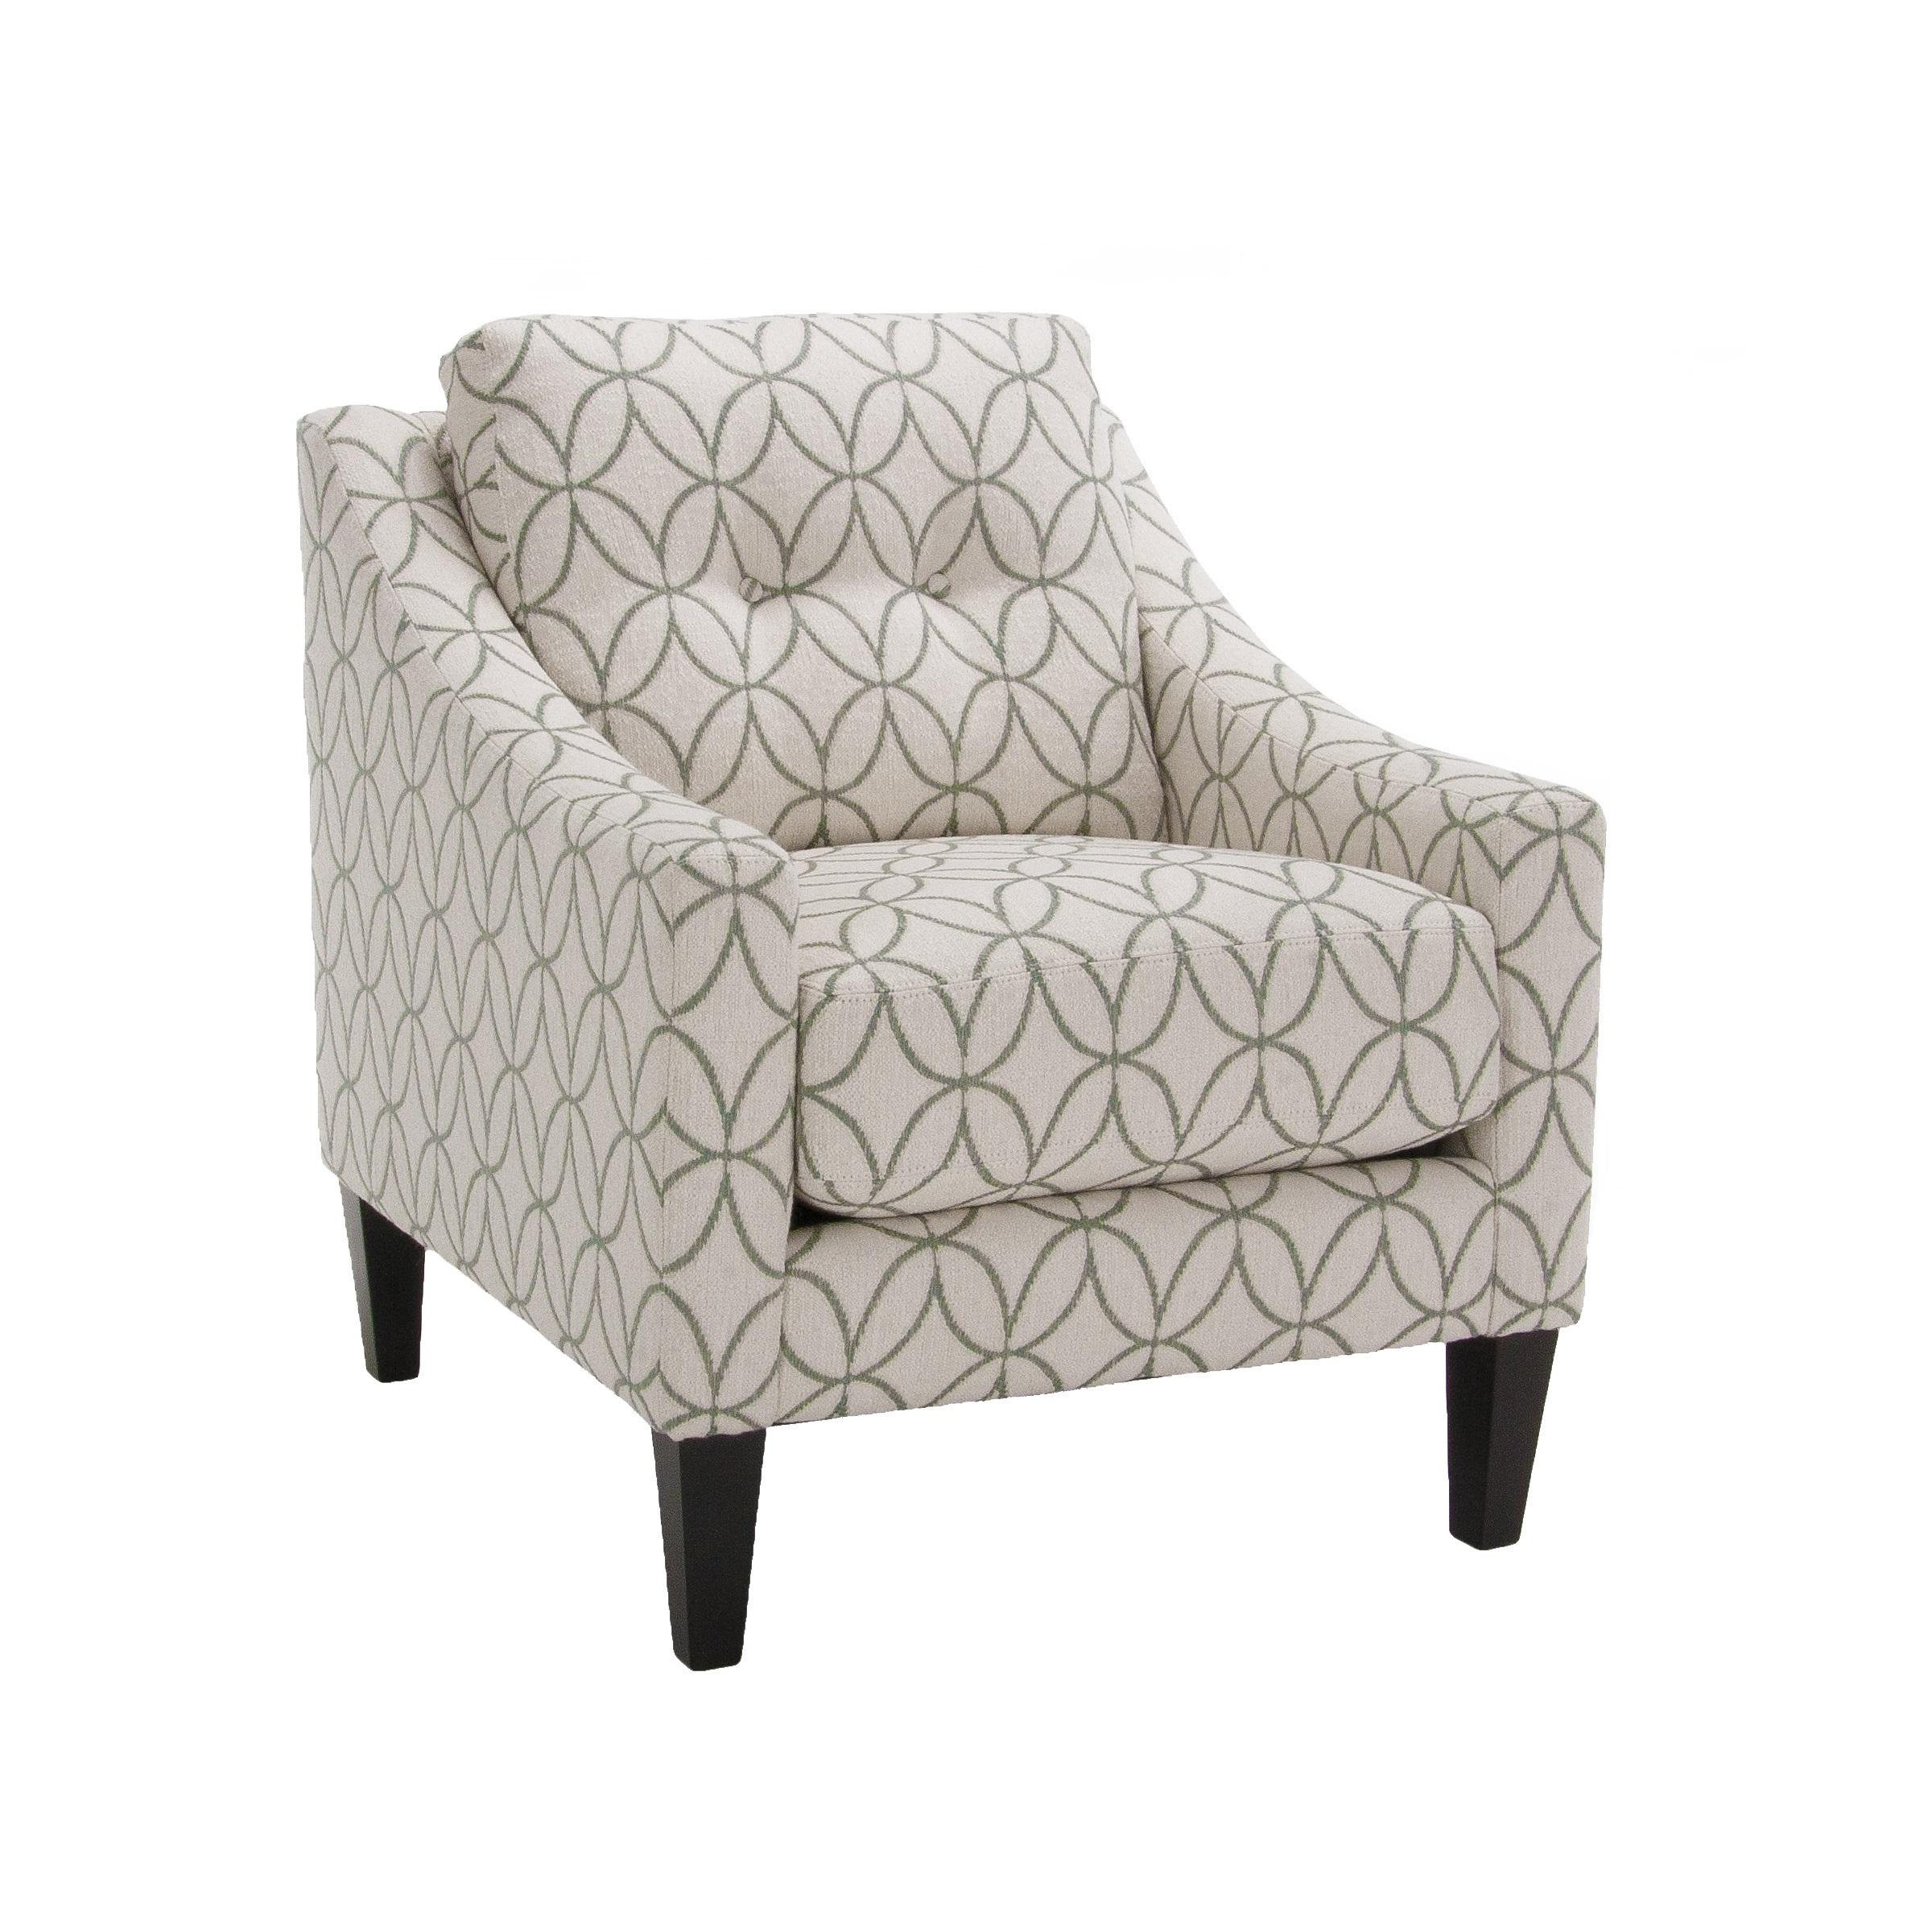 chair rentals newark nj modern grey kitchen chairs zara lux furniture